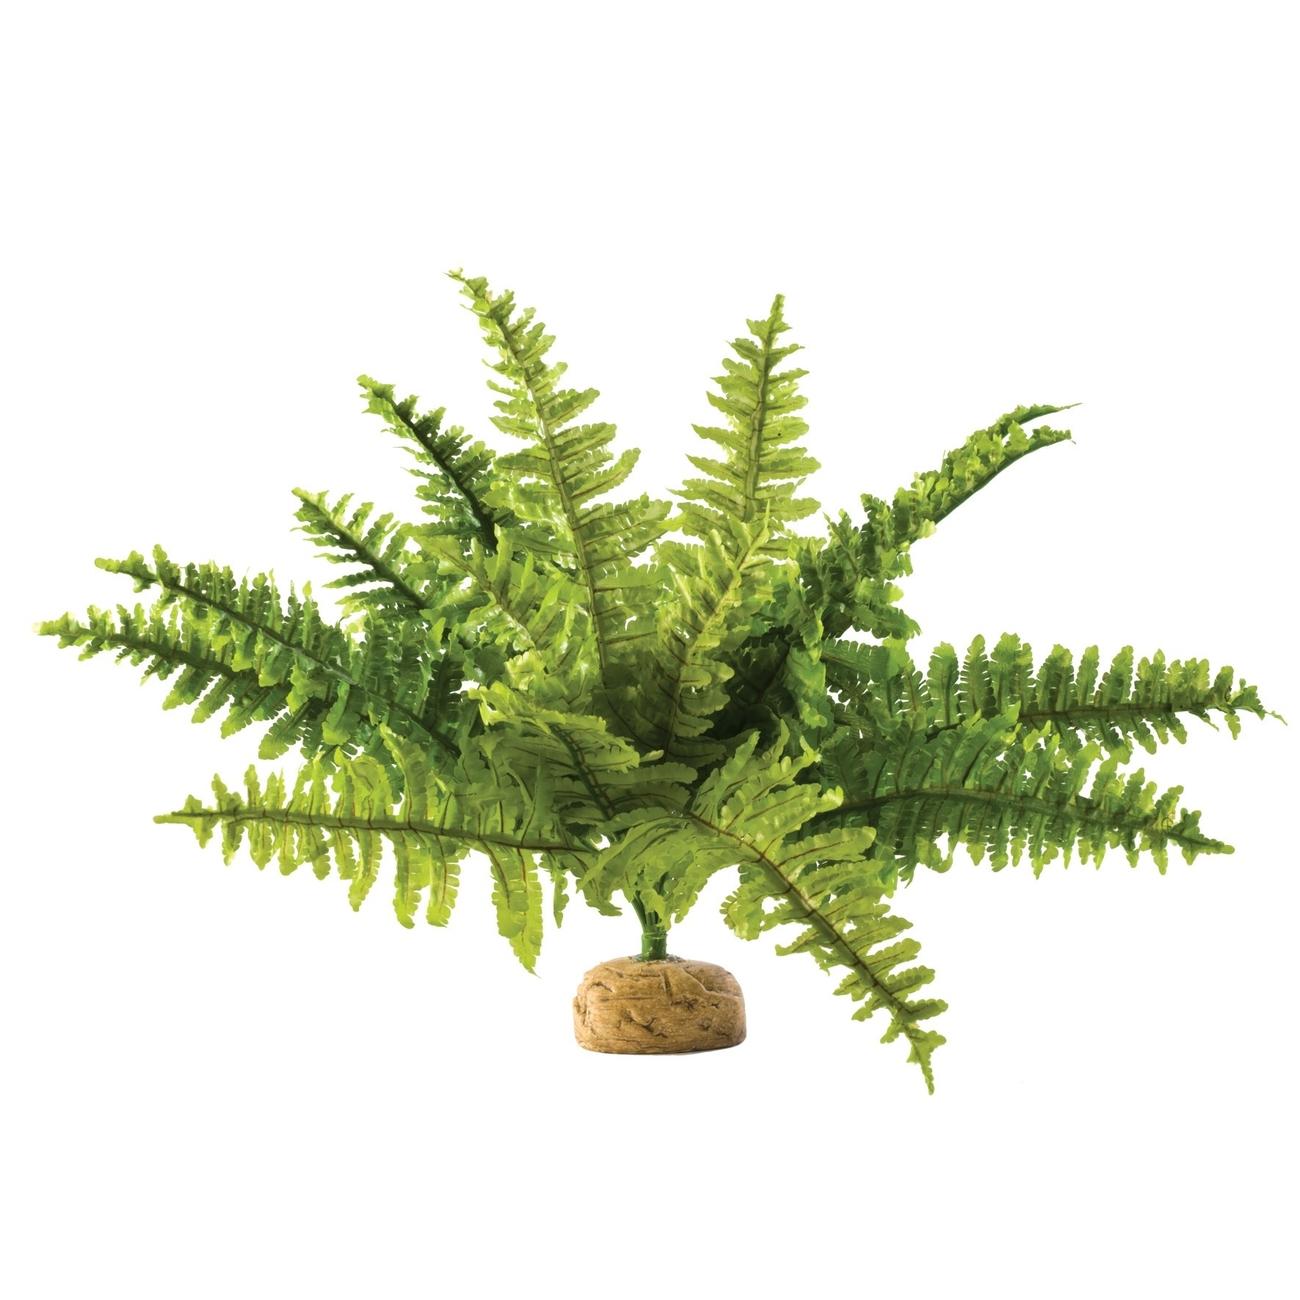 Exo Terra -  Regenwald Bodenpflanzen, Bild 3